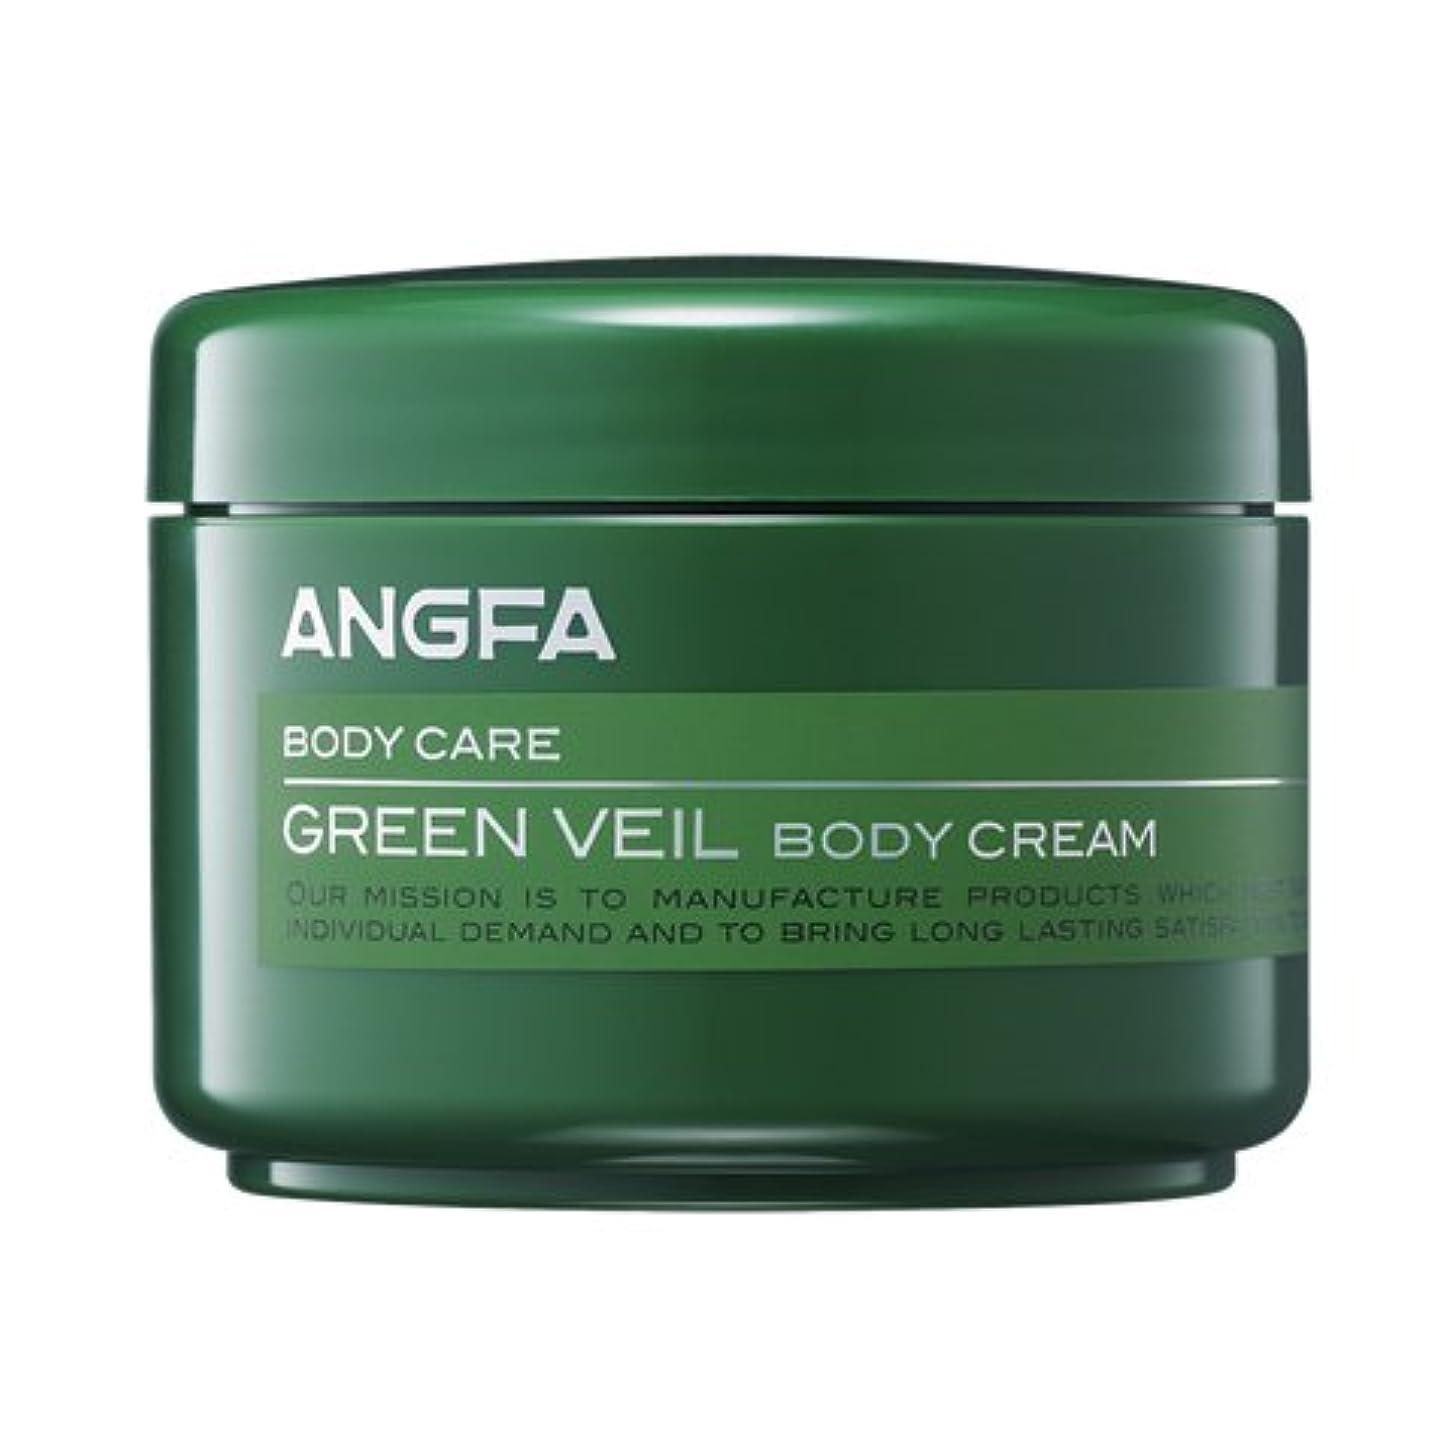 アンファー (ANGFA) グリーンベール 薬用ボディクリーム 45g グリーンフローラル [乾燥?保湿] かゆみ肌